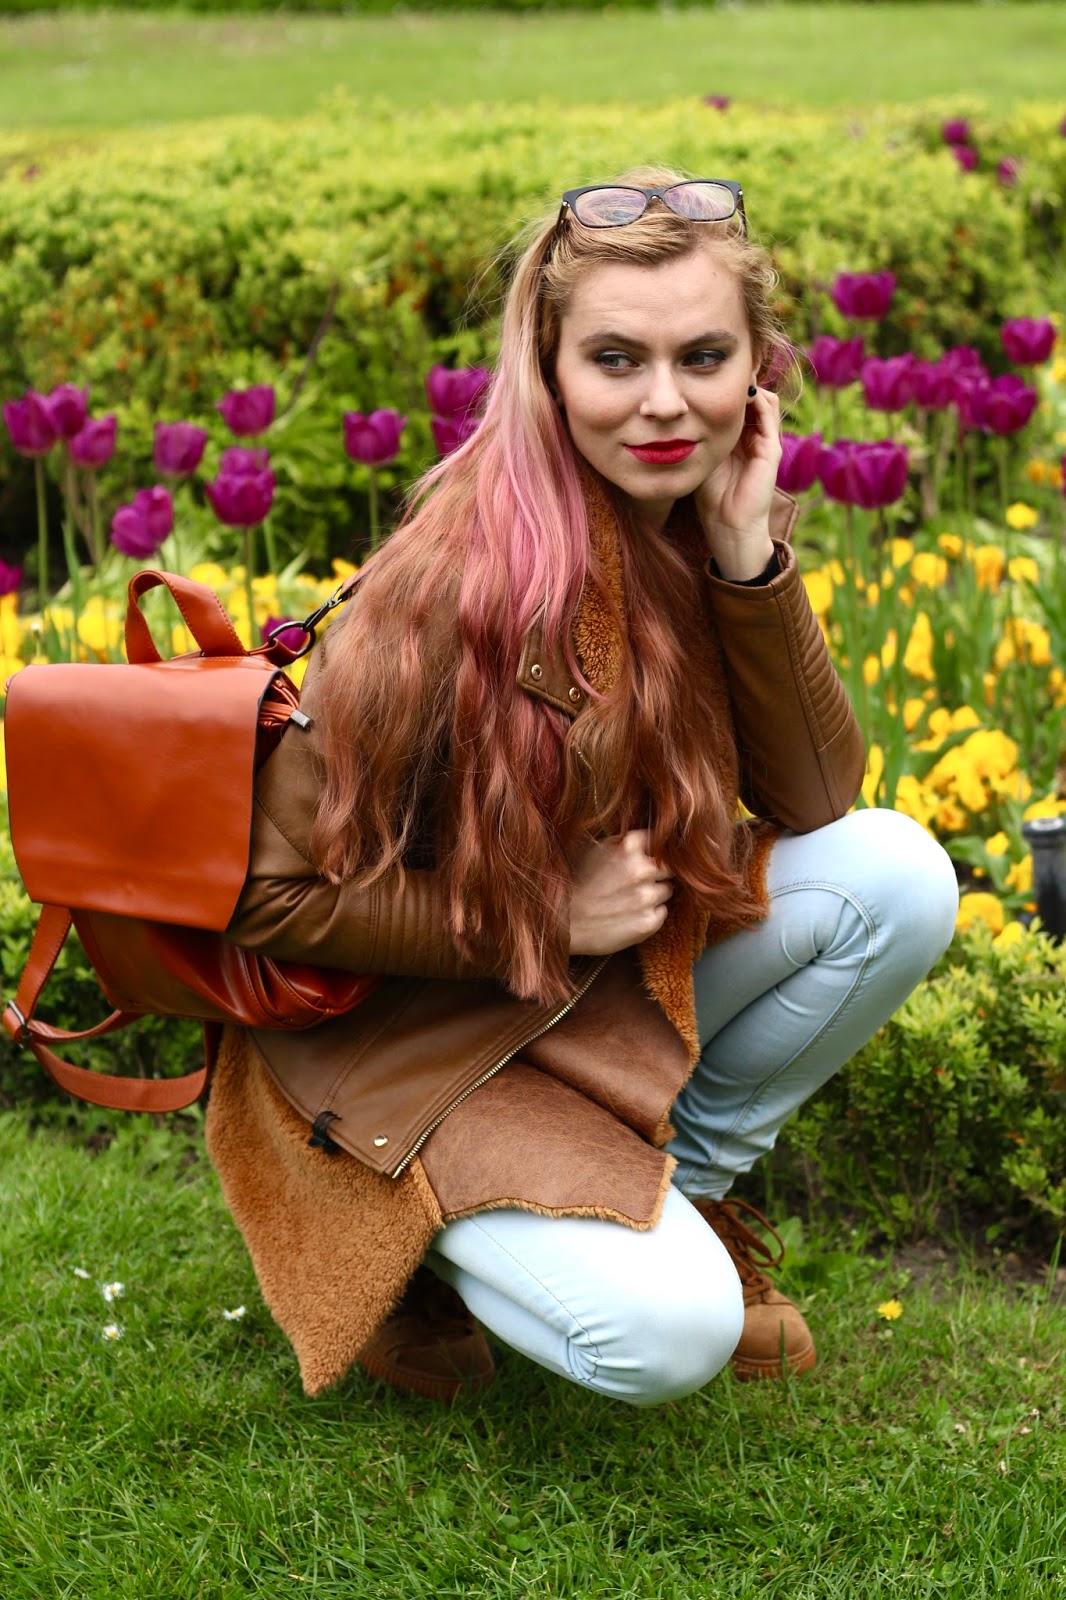 modny blog, slovenska fashion blogerka